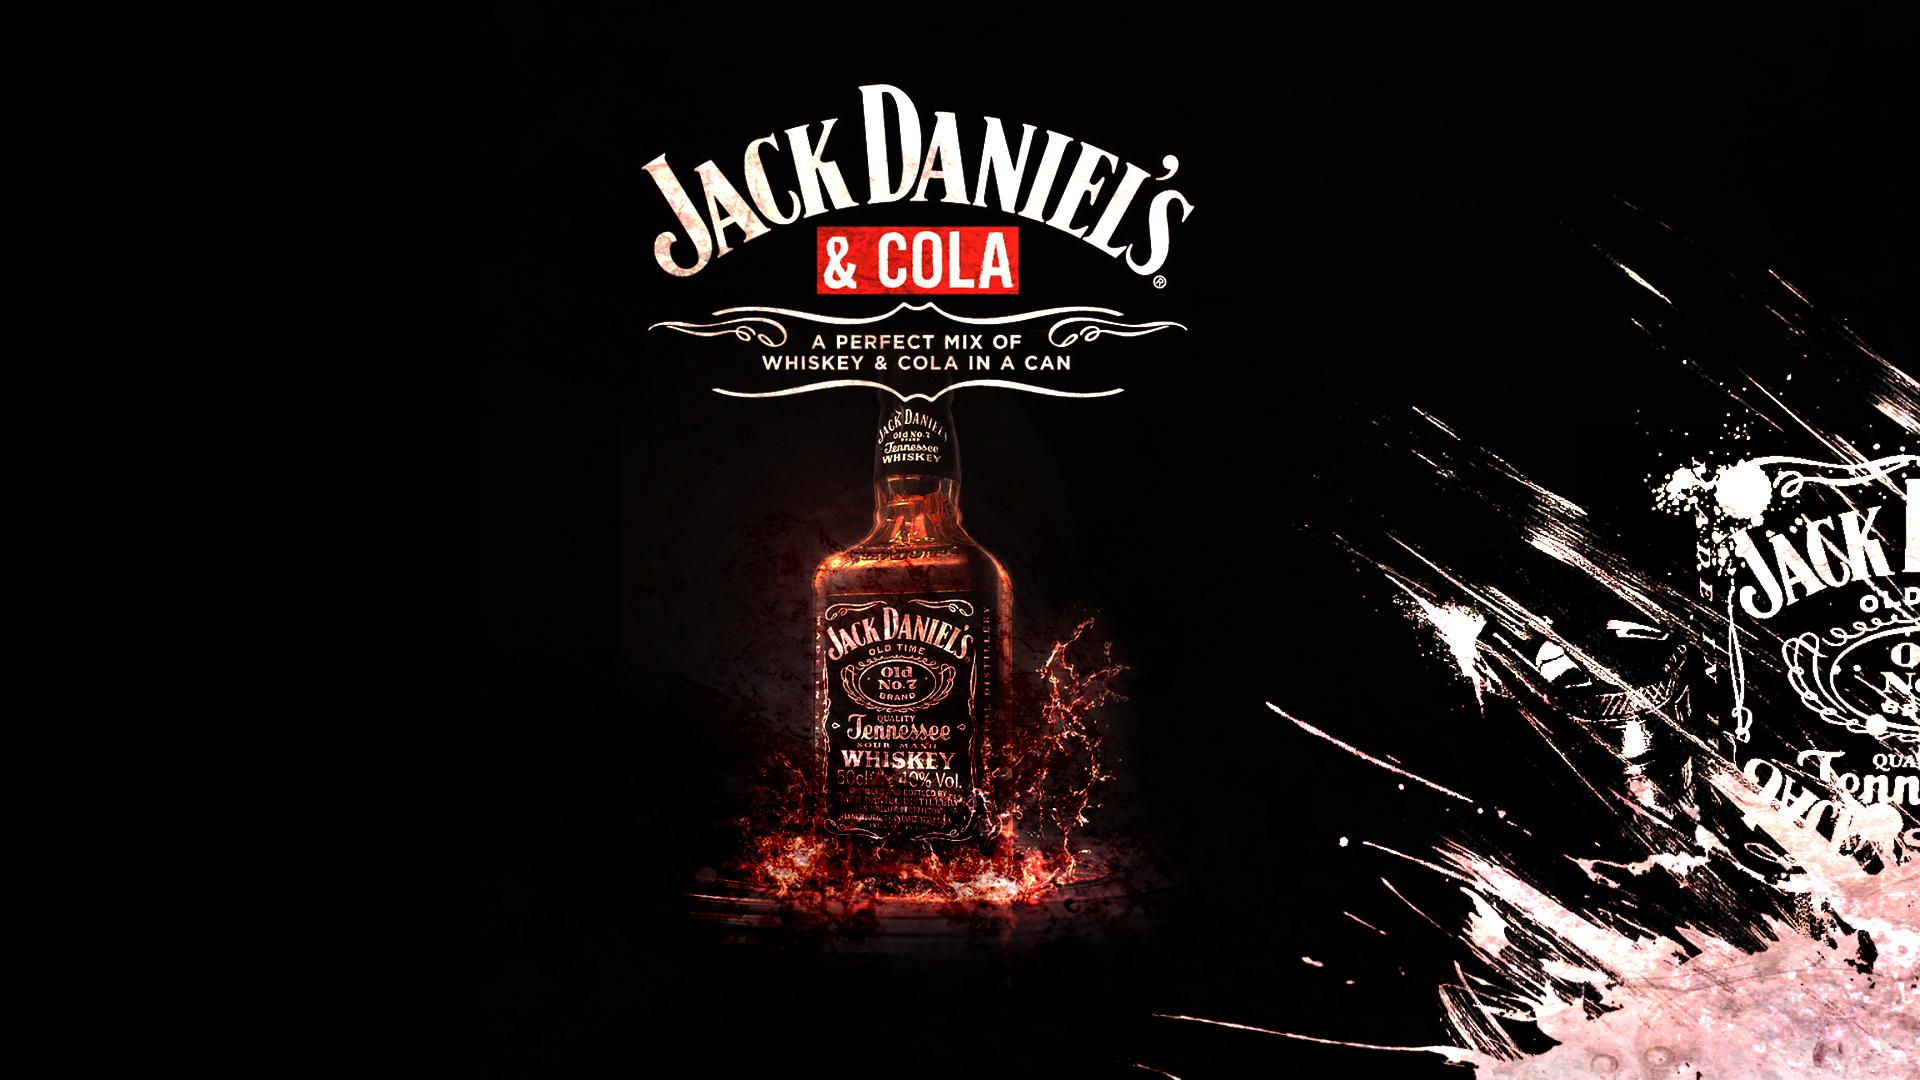 Jack Daniels Wallpaper by vekyR1 1920x1080